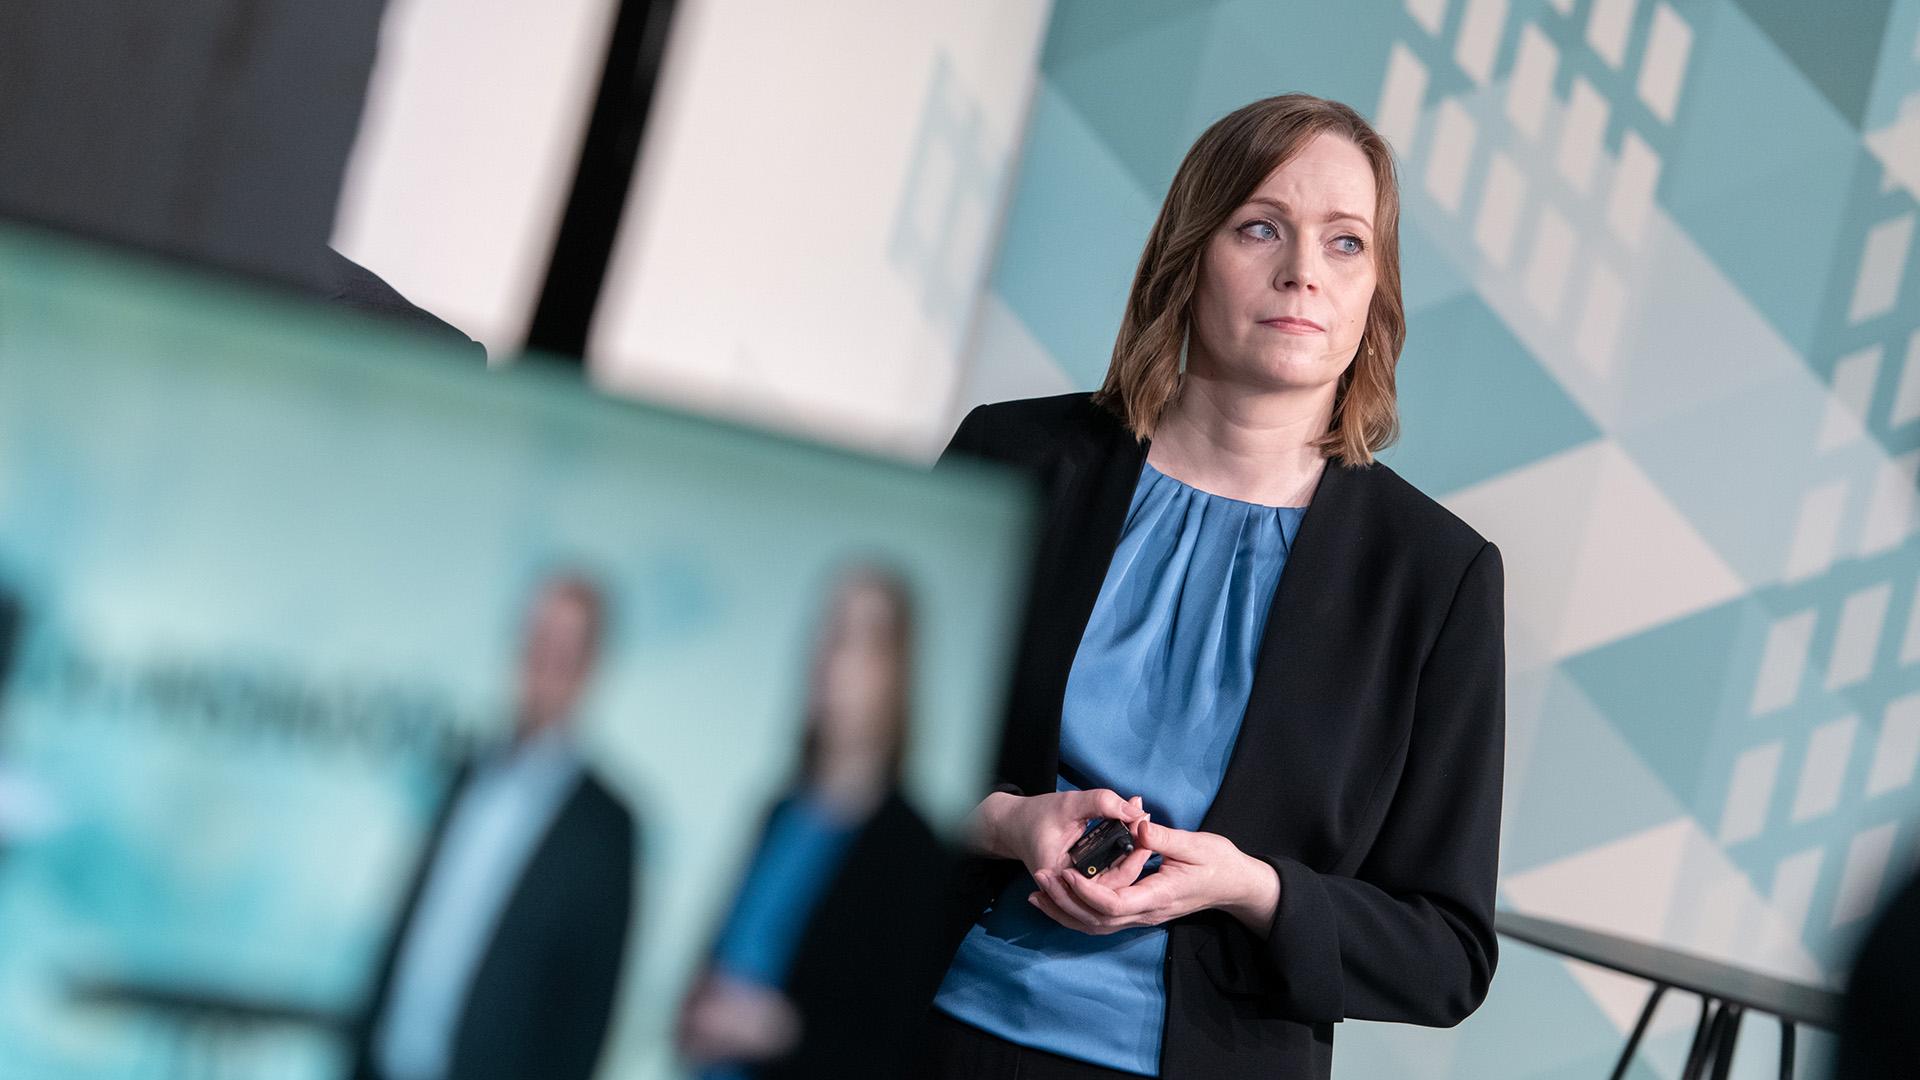 A-Insinöörien Saija-Varjonen kertoo, miten rakennukset kestävät 2070 ilmastossa.